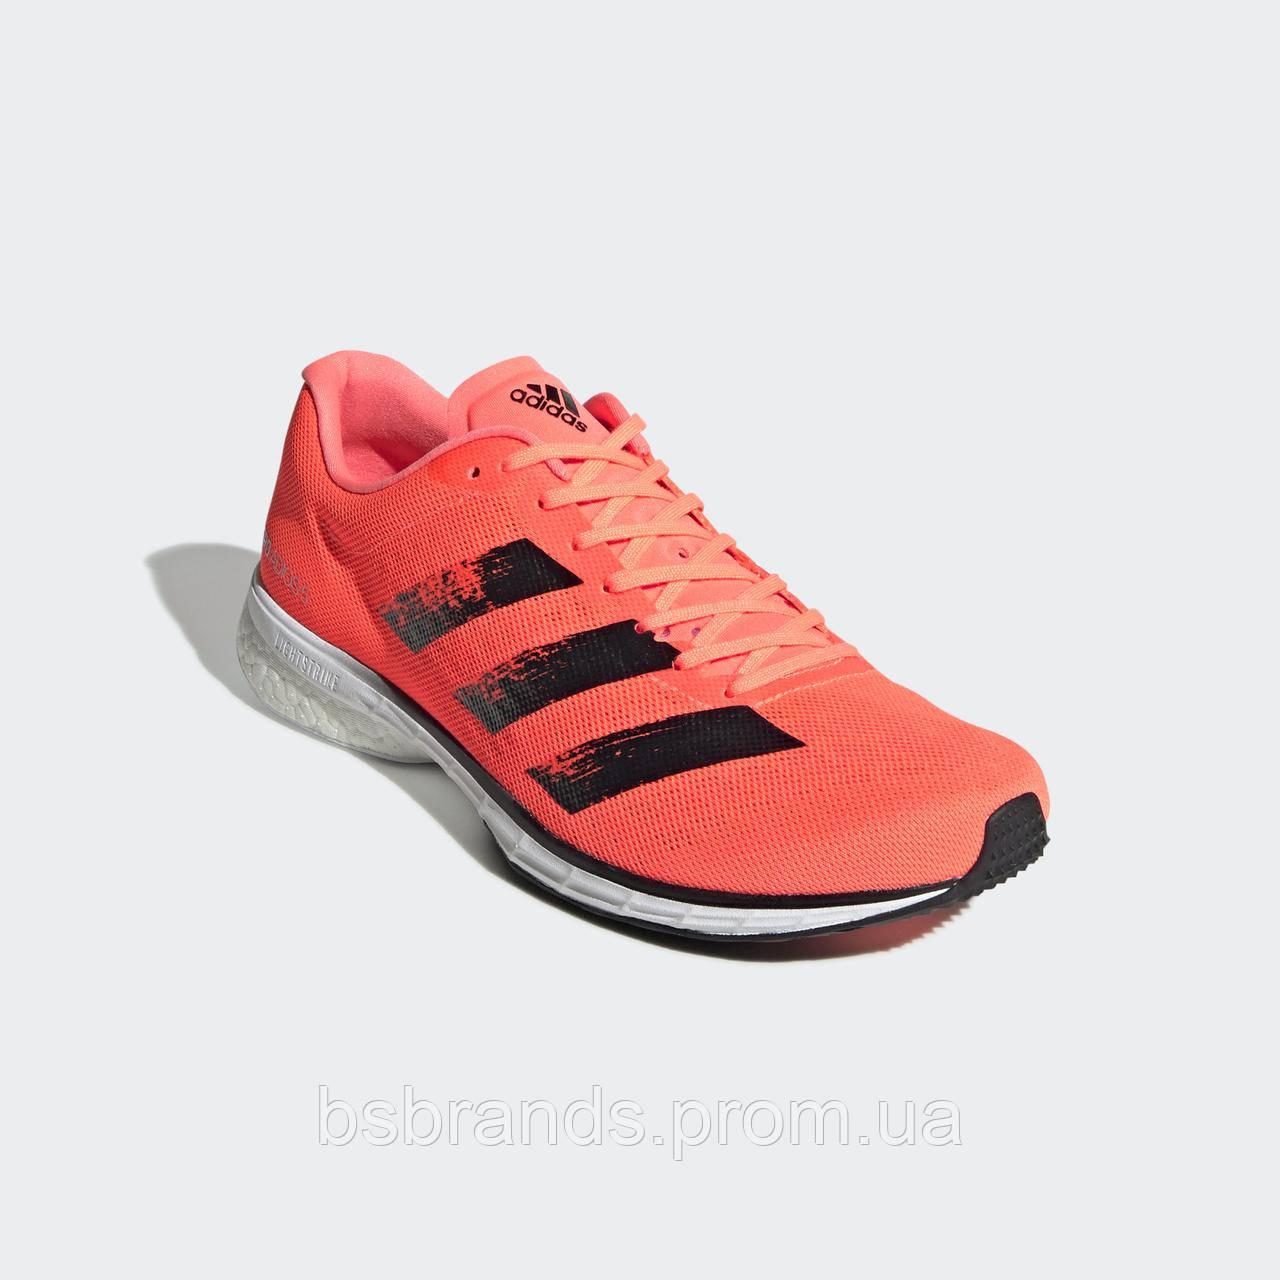 Мужские кроссовки adidas для бега Adizero Adios 5 EG1196 (2020\1)